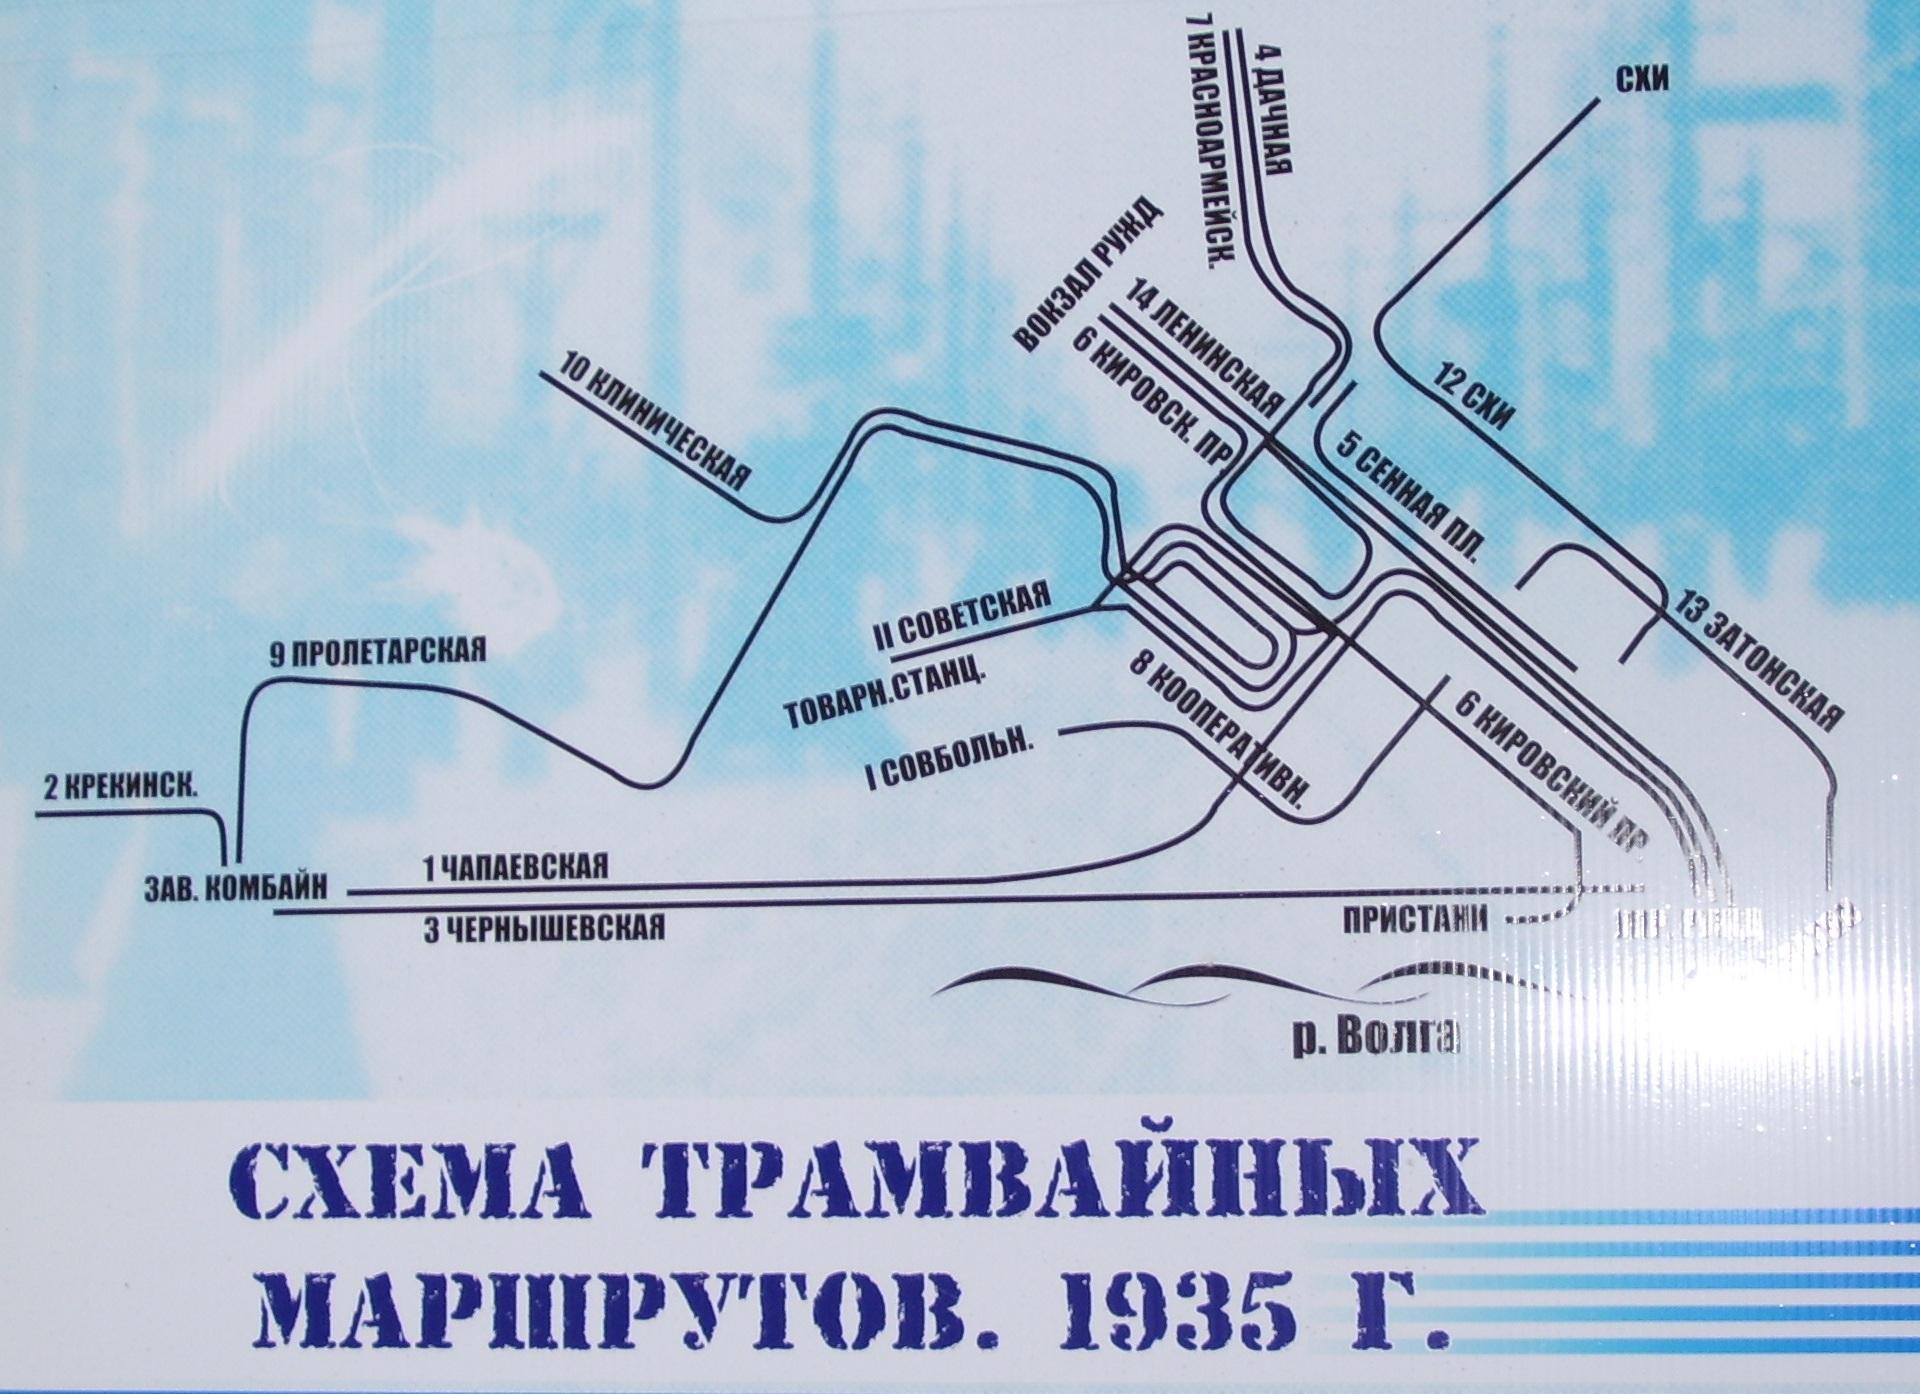 Схема маршрутов, 1935 год